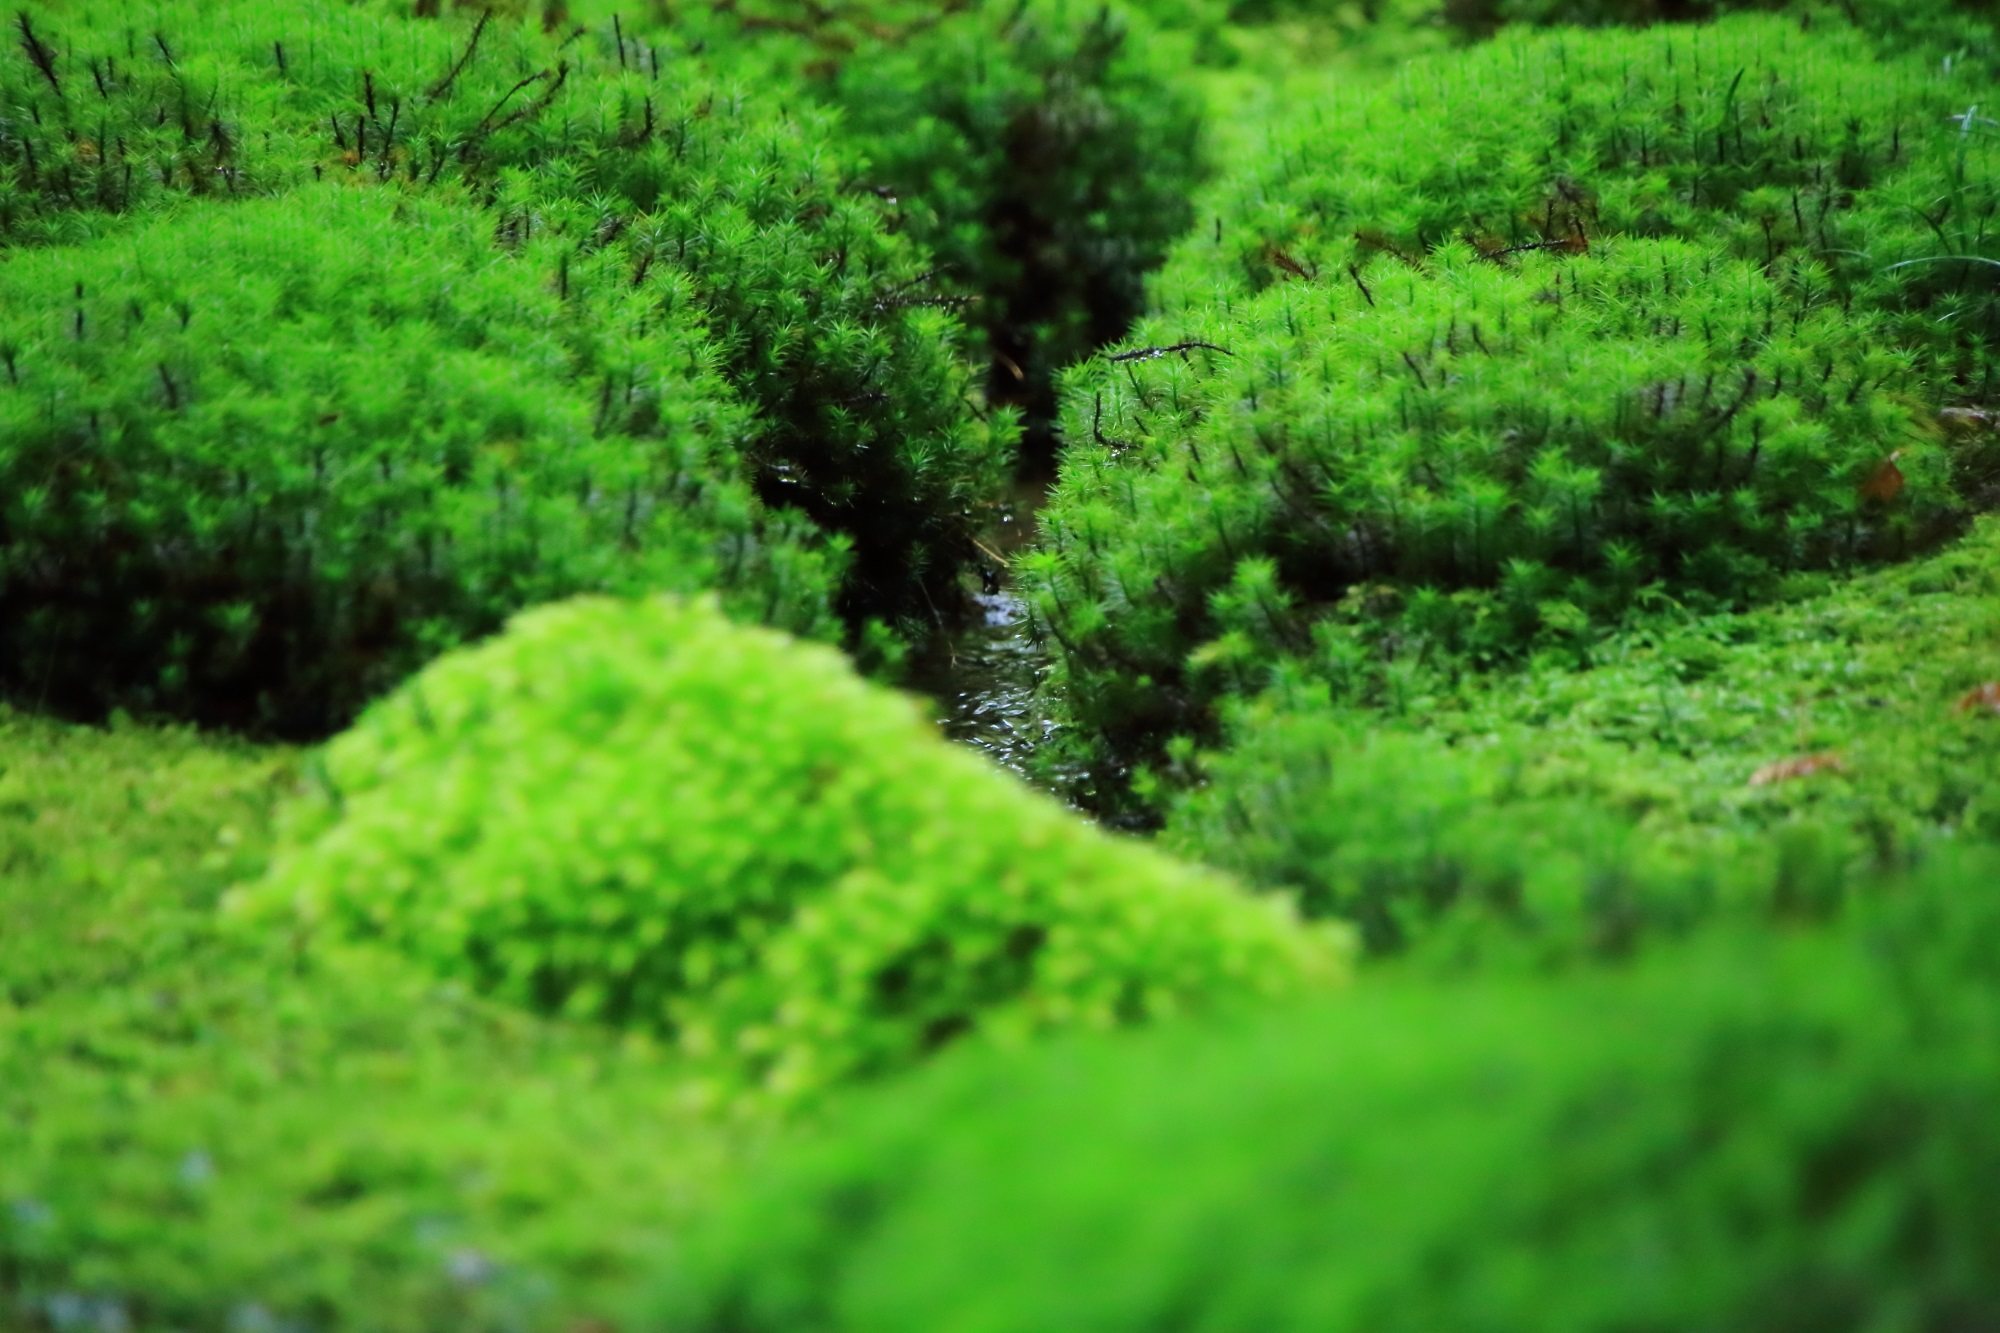 水と緑がたっぷりの癒しの空間